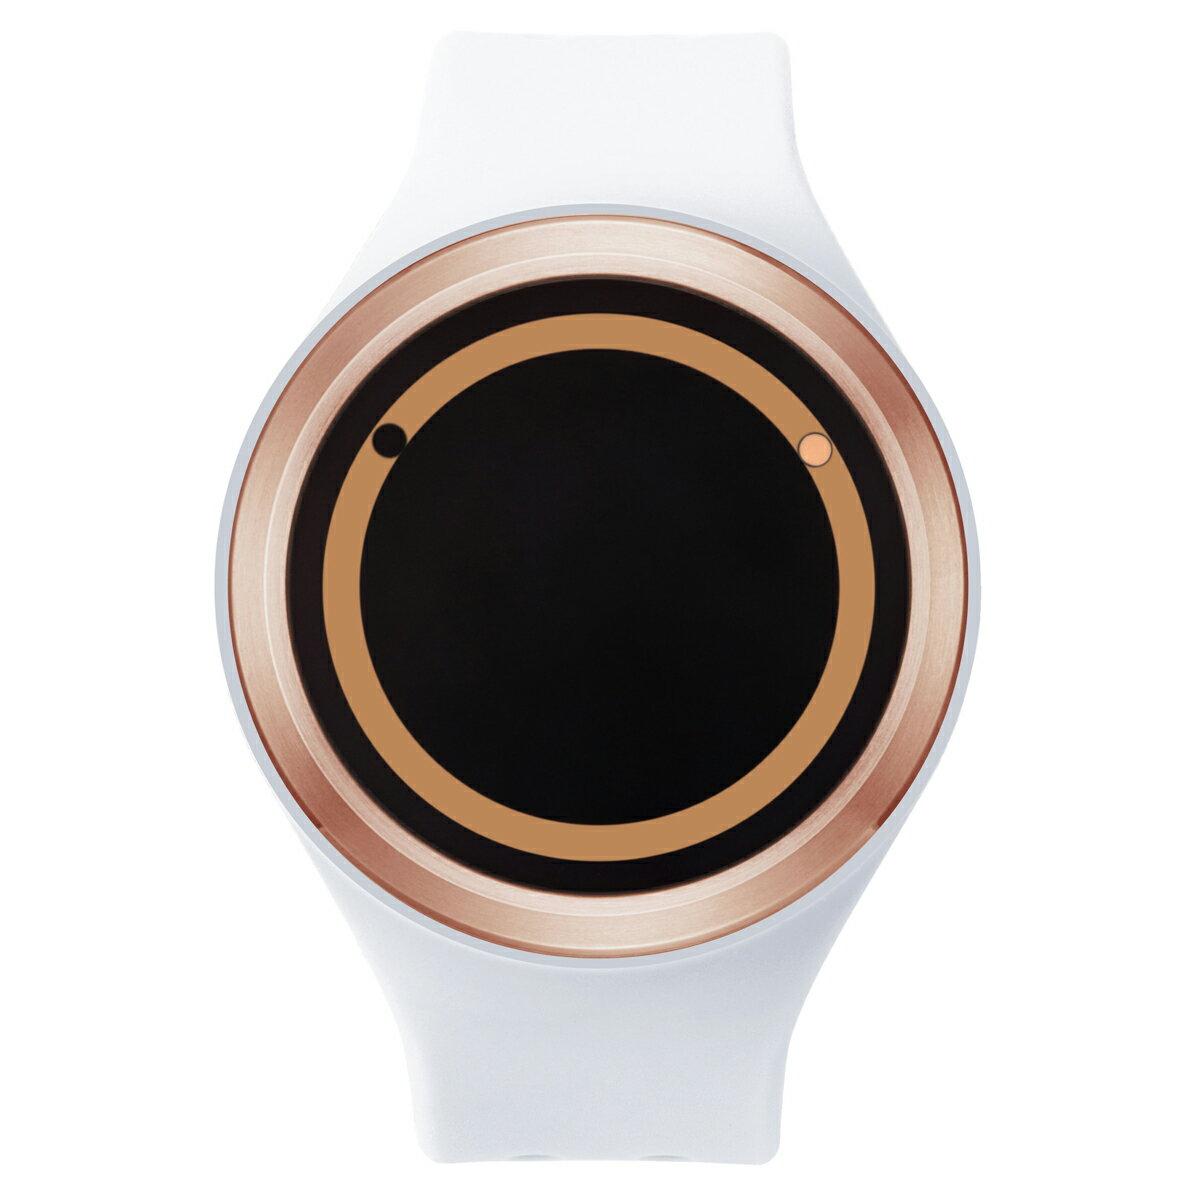 ZEROO PLANET ECLIPSE ゼロ 電池式クォーツ 腕時計 [W00903B05SR01] ホワイト デザインウォッチ ペア用 メンズ レディース ユニセックス おしゃれ時計 デザイナーズ